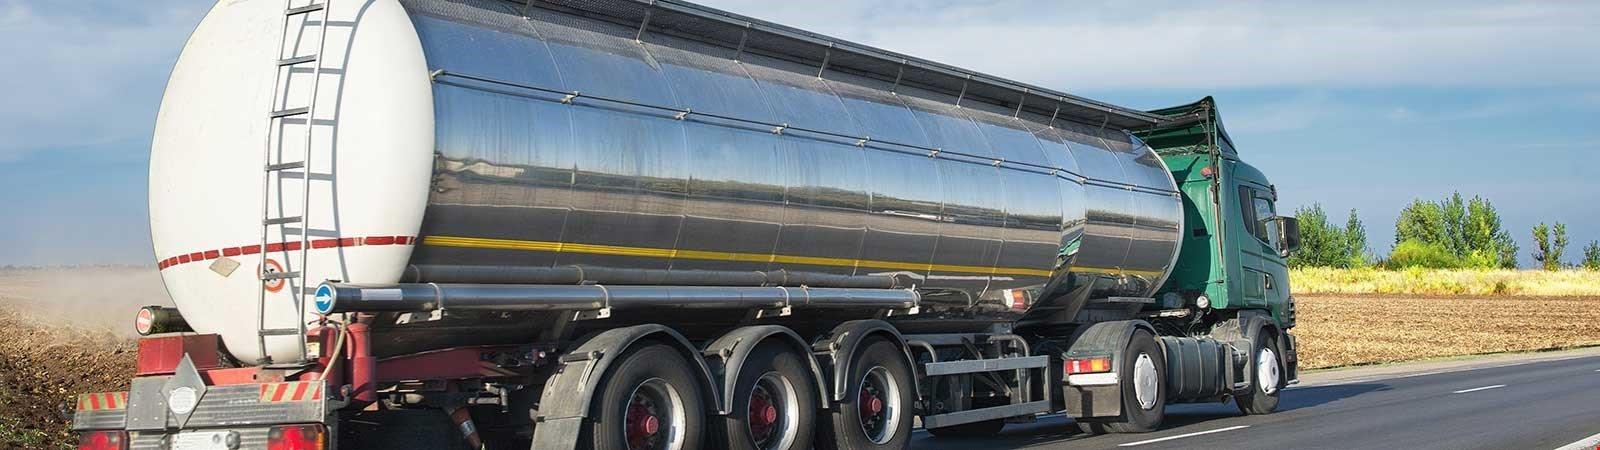 Flüssiggaspreis: Entwicklung und aktueller Stand